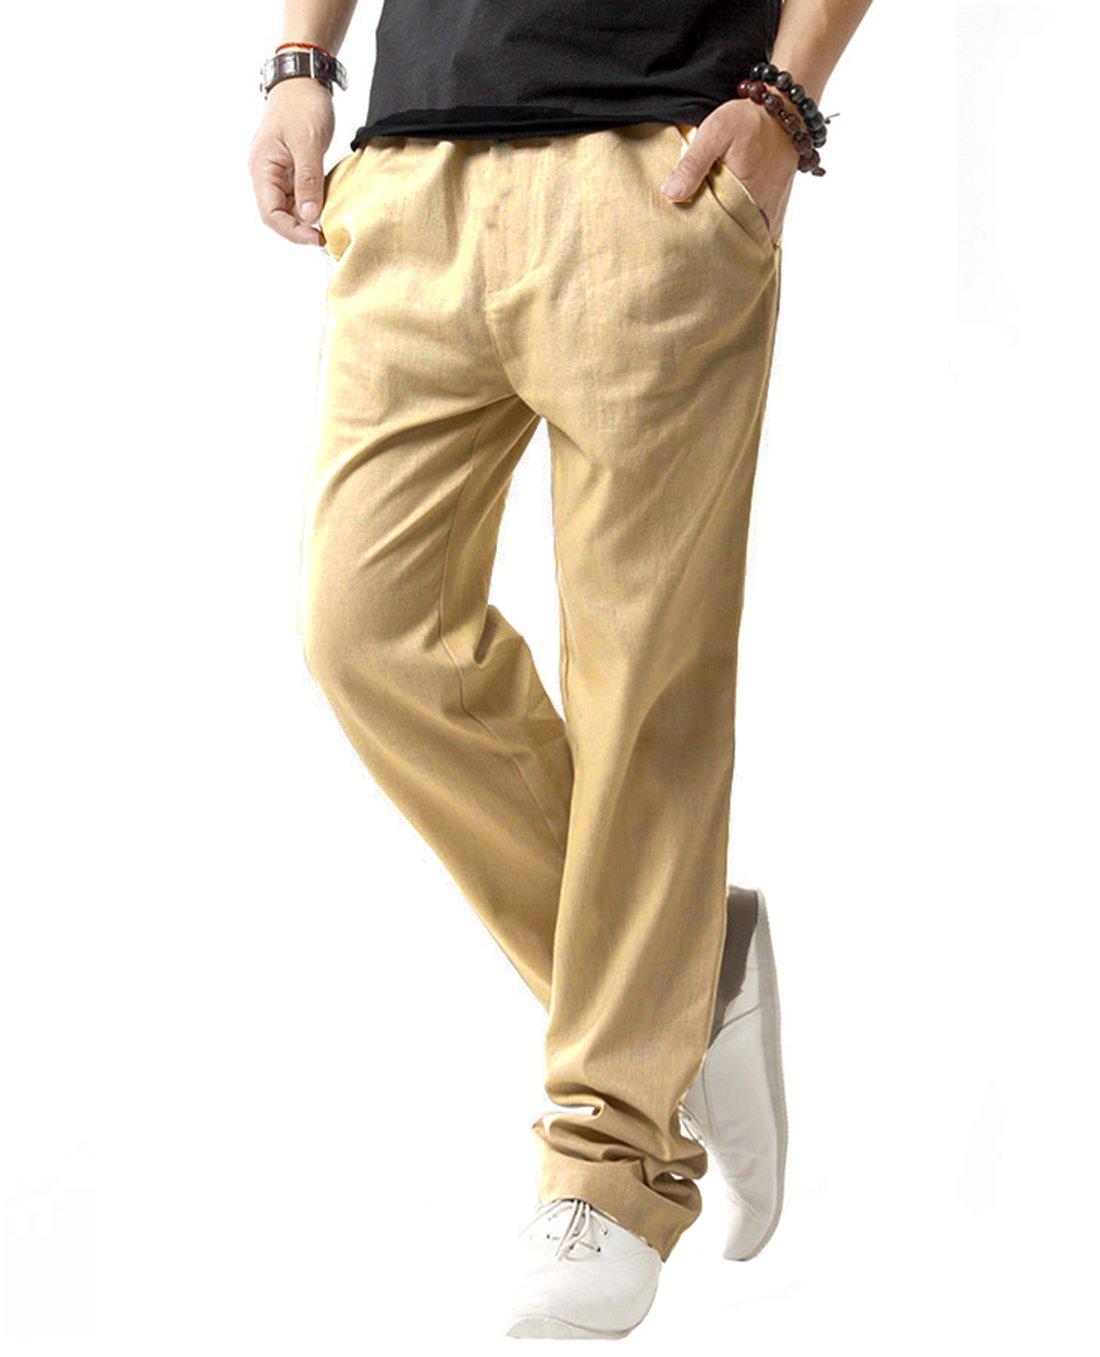 SIR7 Men's Linen Casual Lightweight Drawstrintg Elastic Waist Summer Beach Pants Khaki M